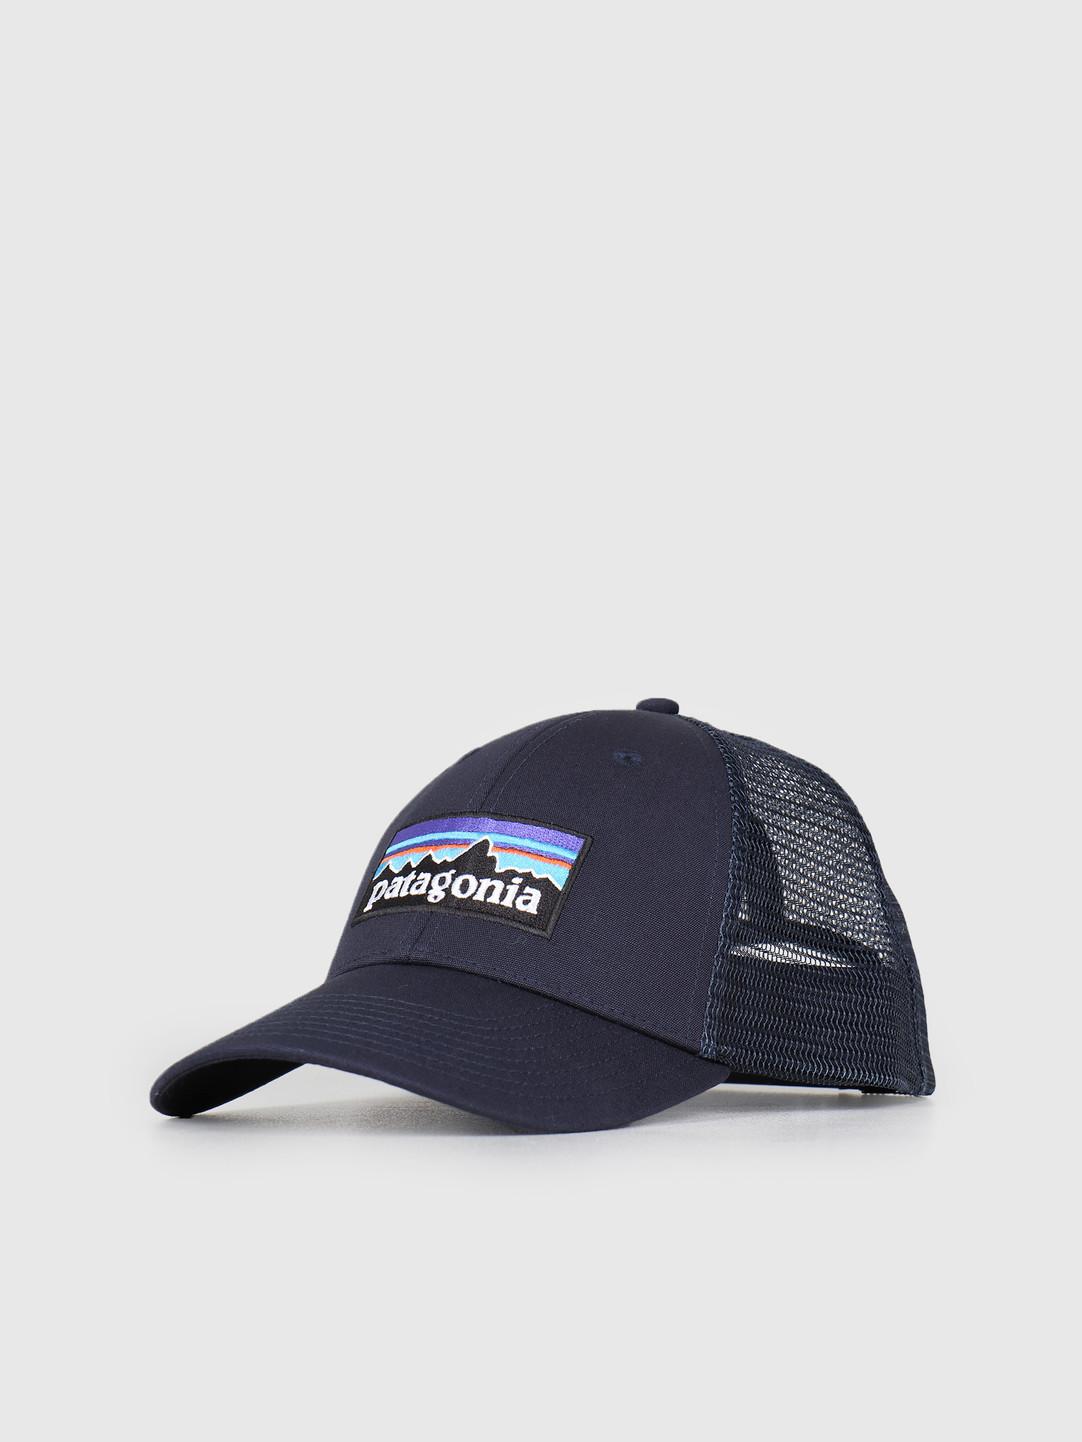 Patagonia Patagonia P 6 Logo LoPro Trucker Hat Navy Blue w Navy Blue 38016